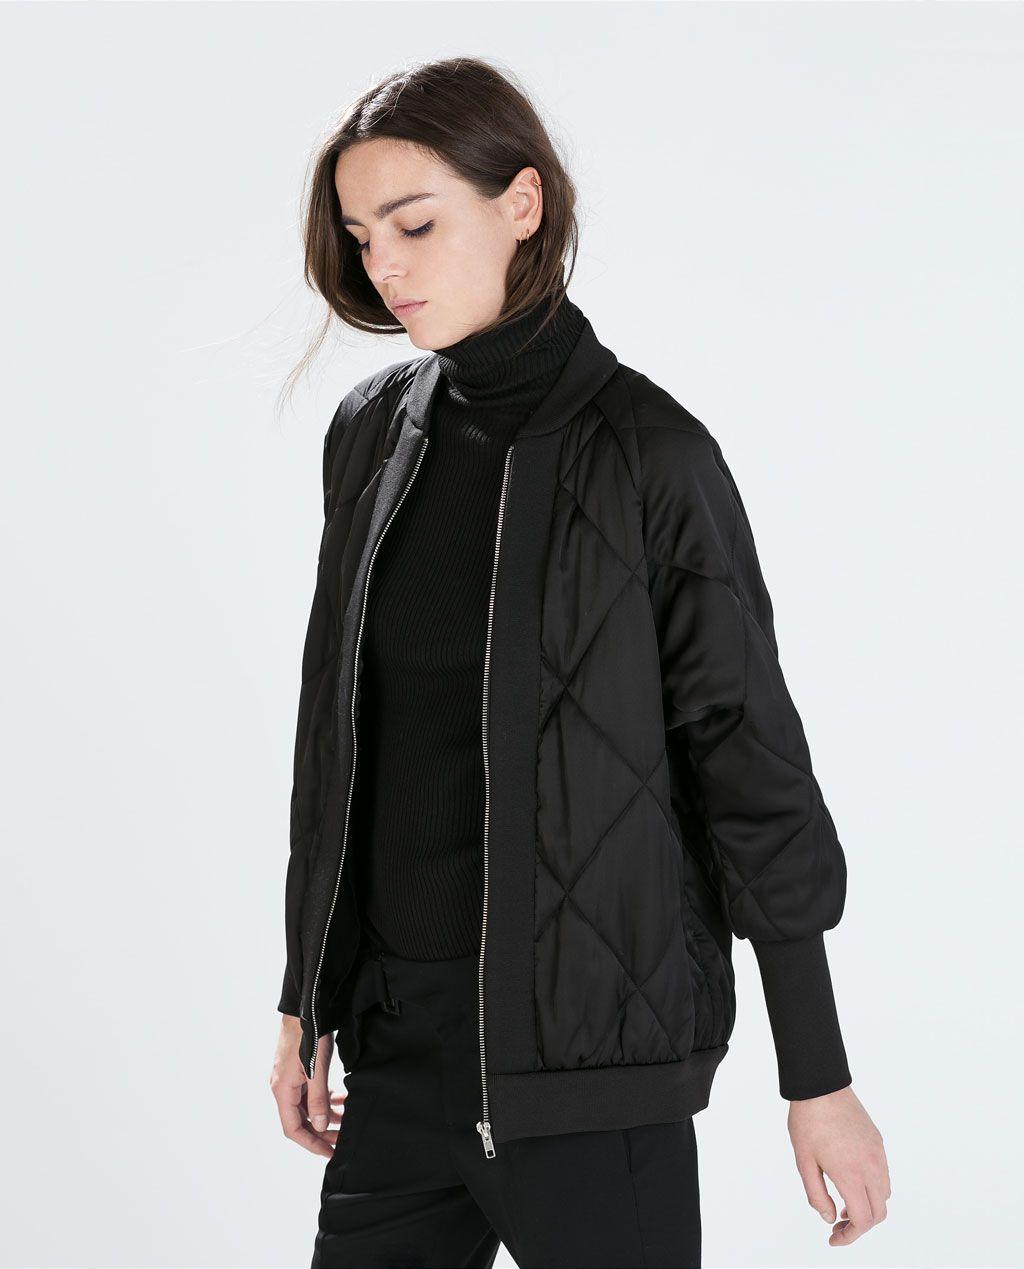 Oversize Bomber Jacket Zara Oversized Bomber Jacket Outerwear Women Oversized Bomber [ 1269 x 1024 Pixel ]